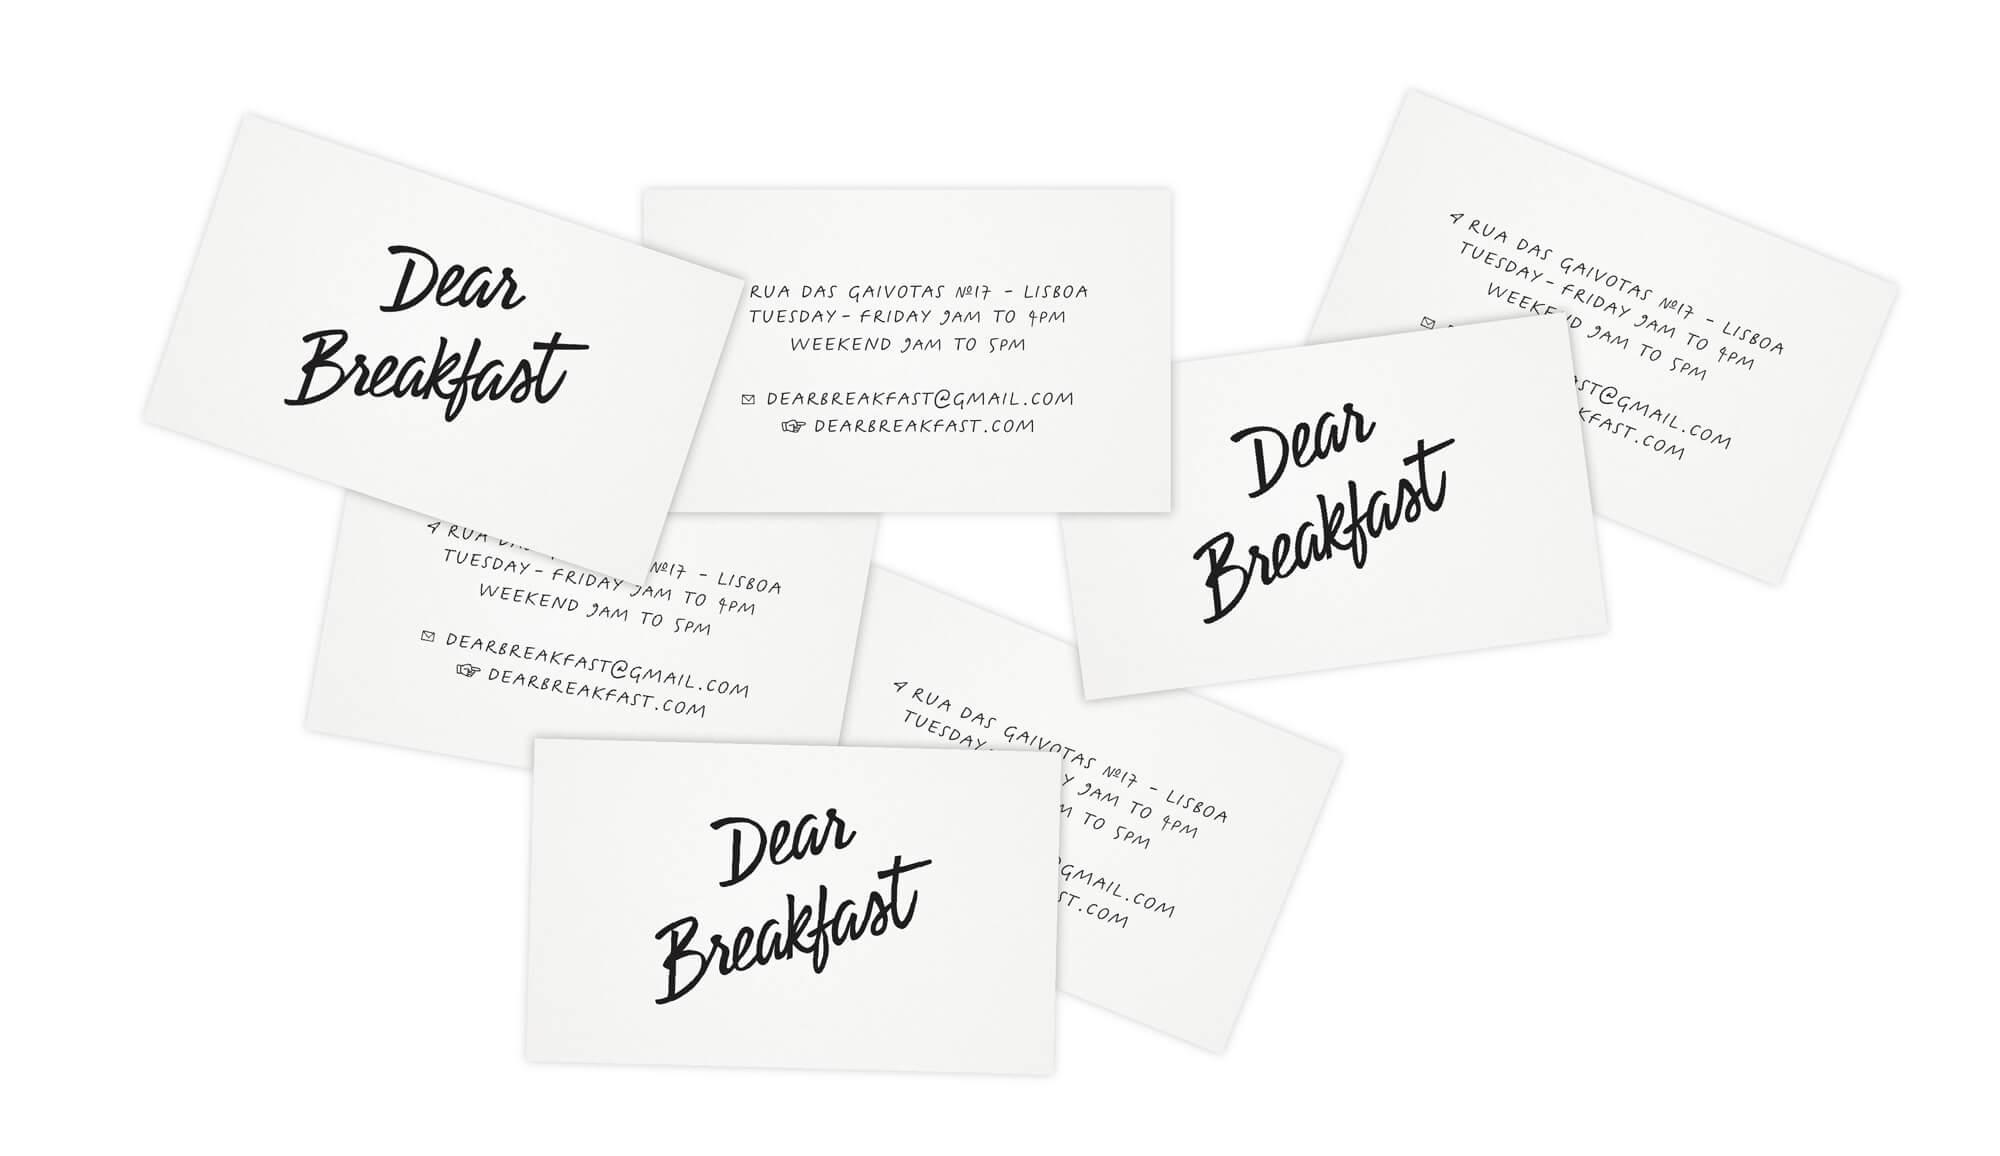 cartes de visites du restaurant dear breakfast, noires et blanches, minimalistes, avec le nouveau logo dessiné par ichetkar